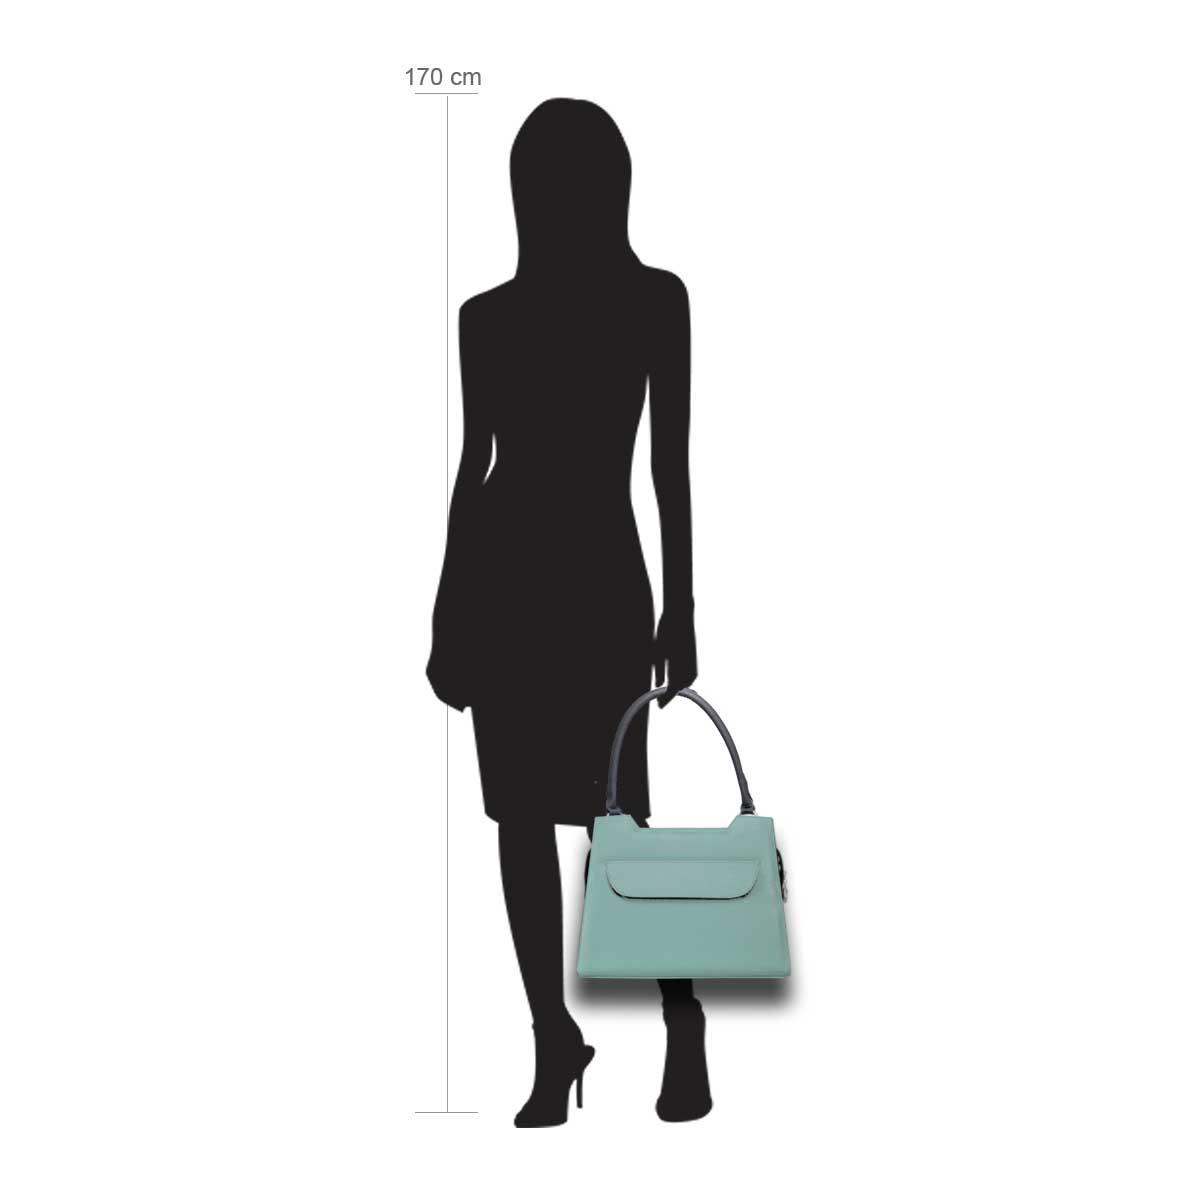 Puppe 170 cm groß zeigt die Taschengröße an . Modell: Lissabon mint